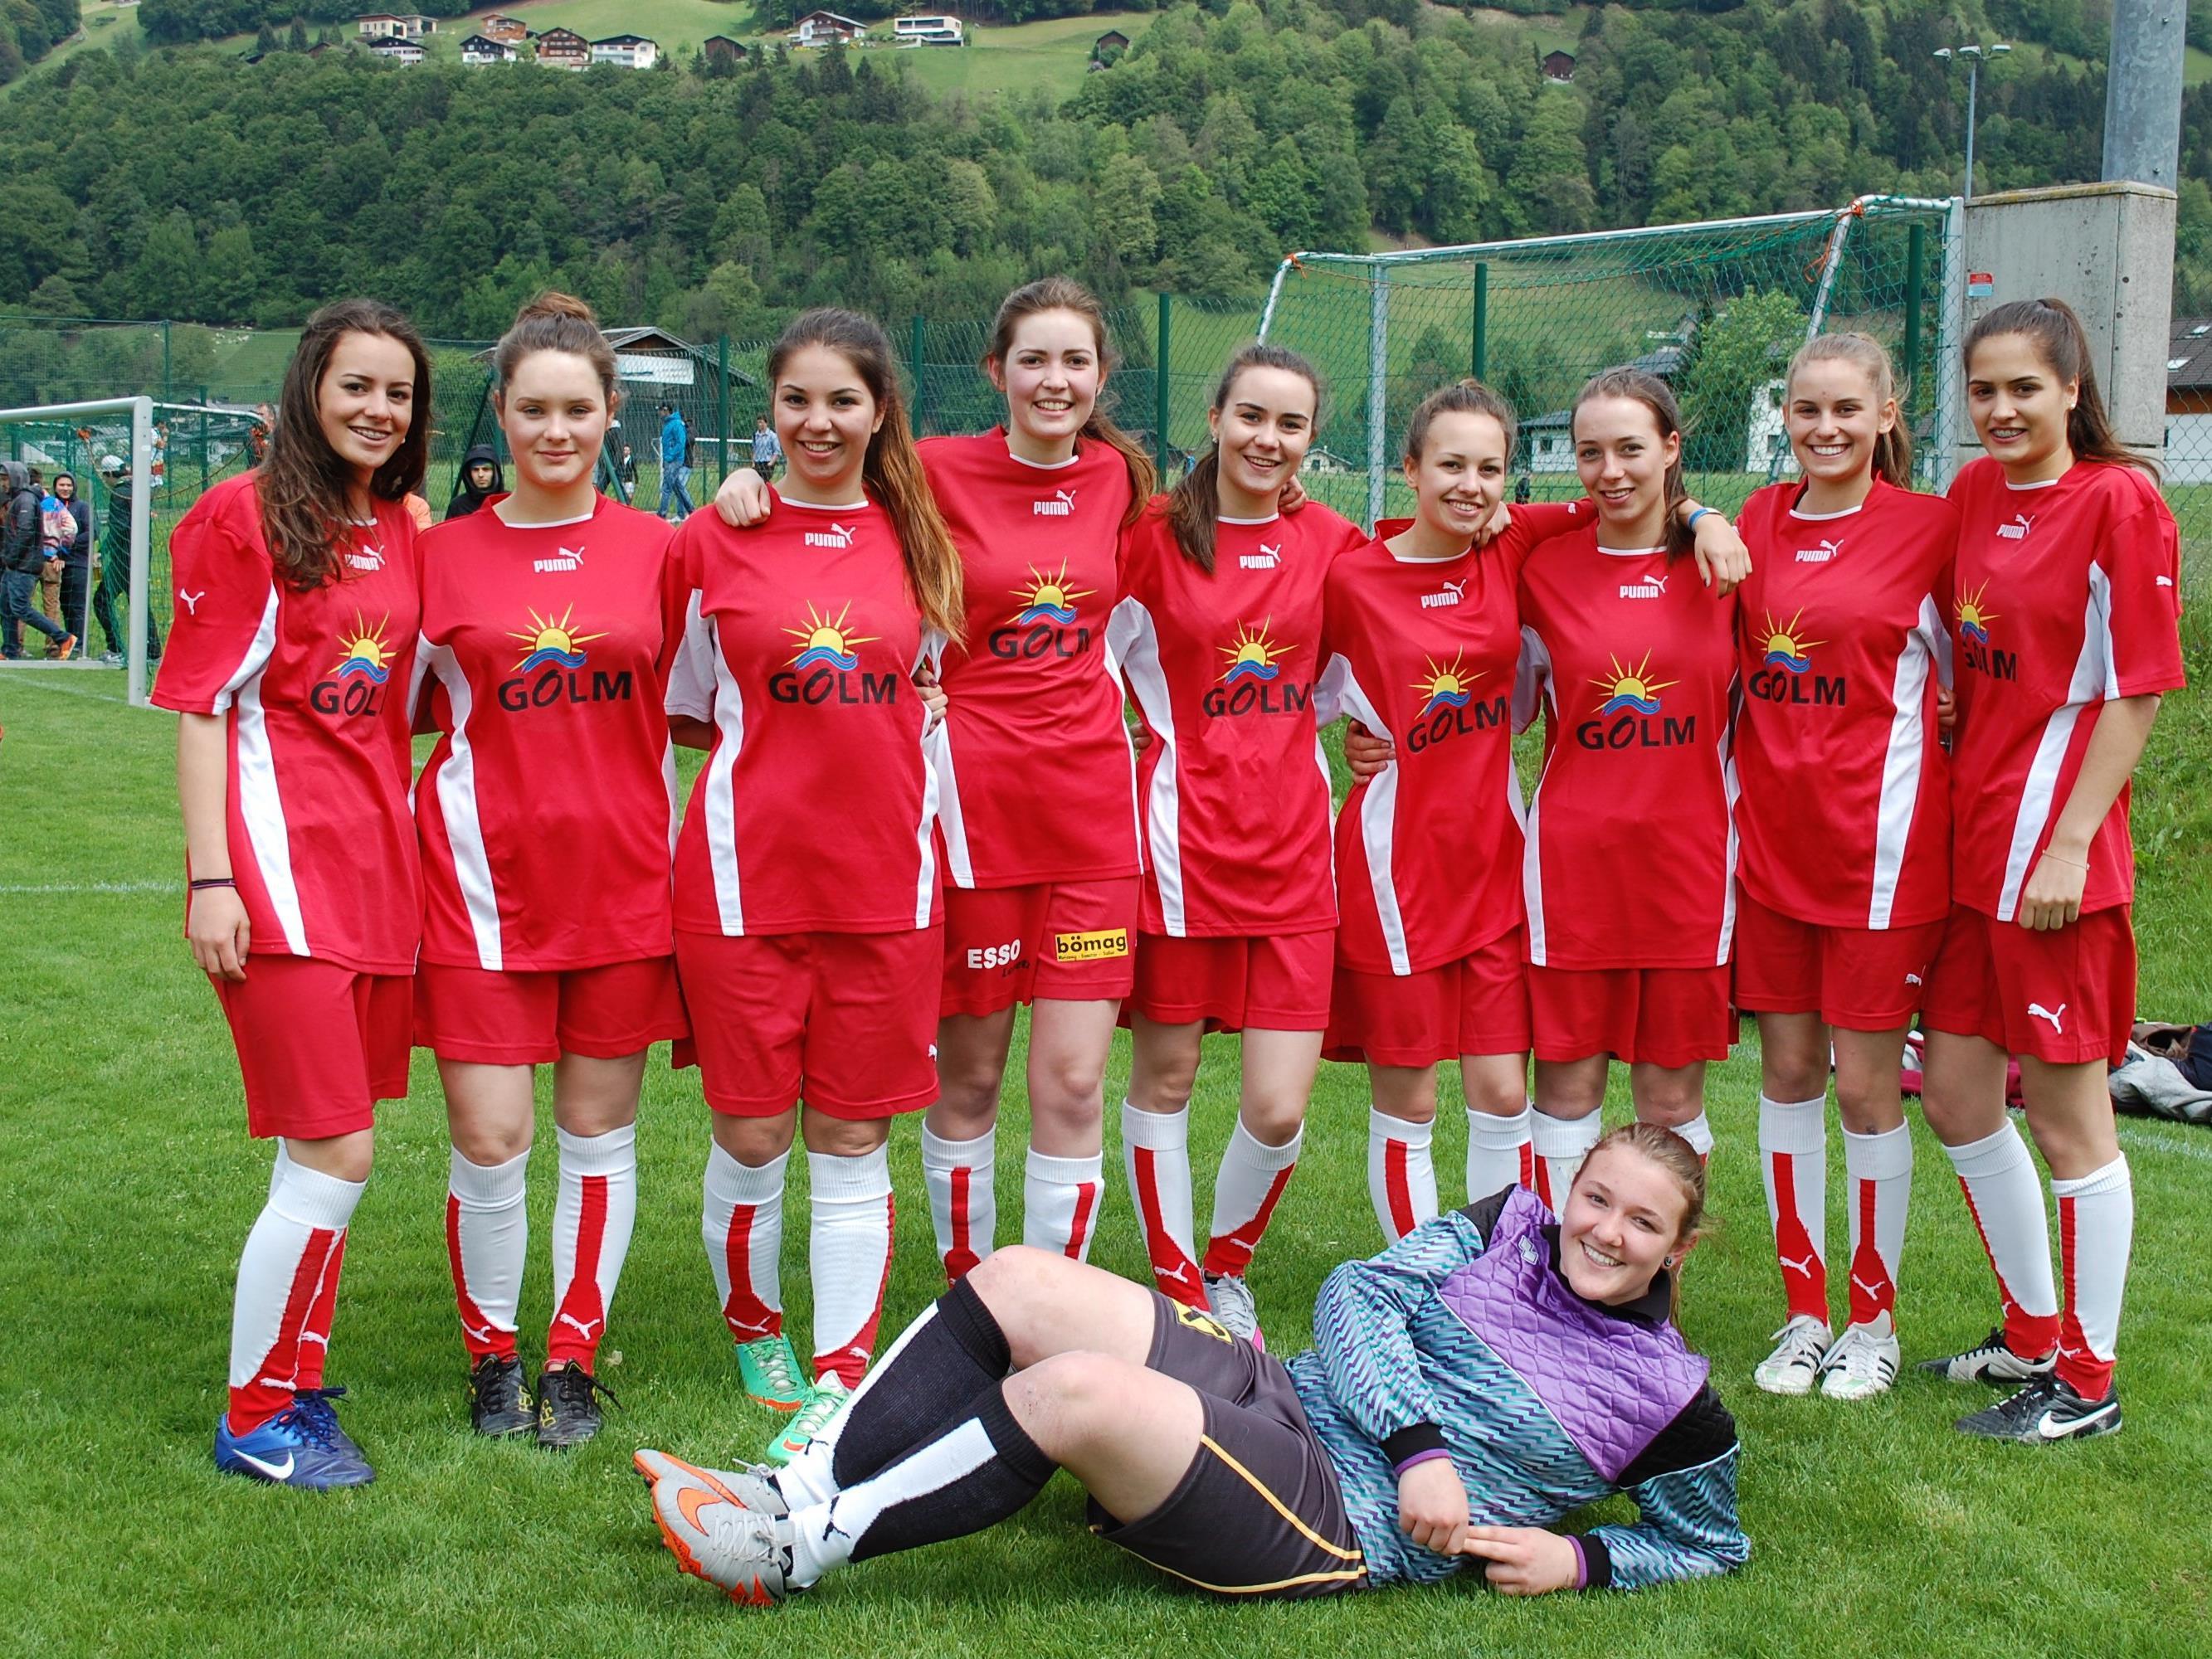 Die Damenmannschaften zeigten vollen Kampfeinsatz auf dem Platz.